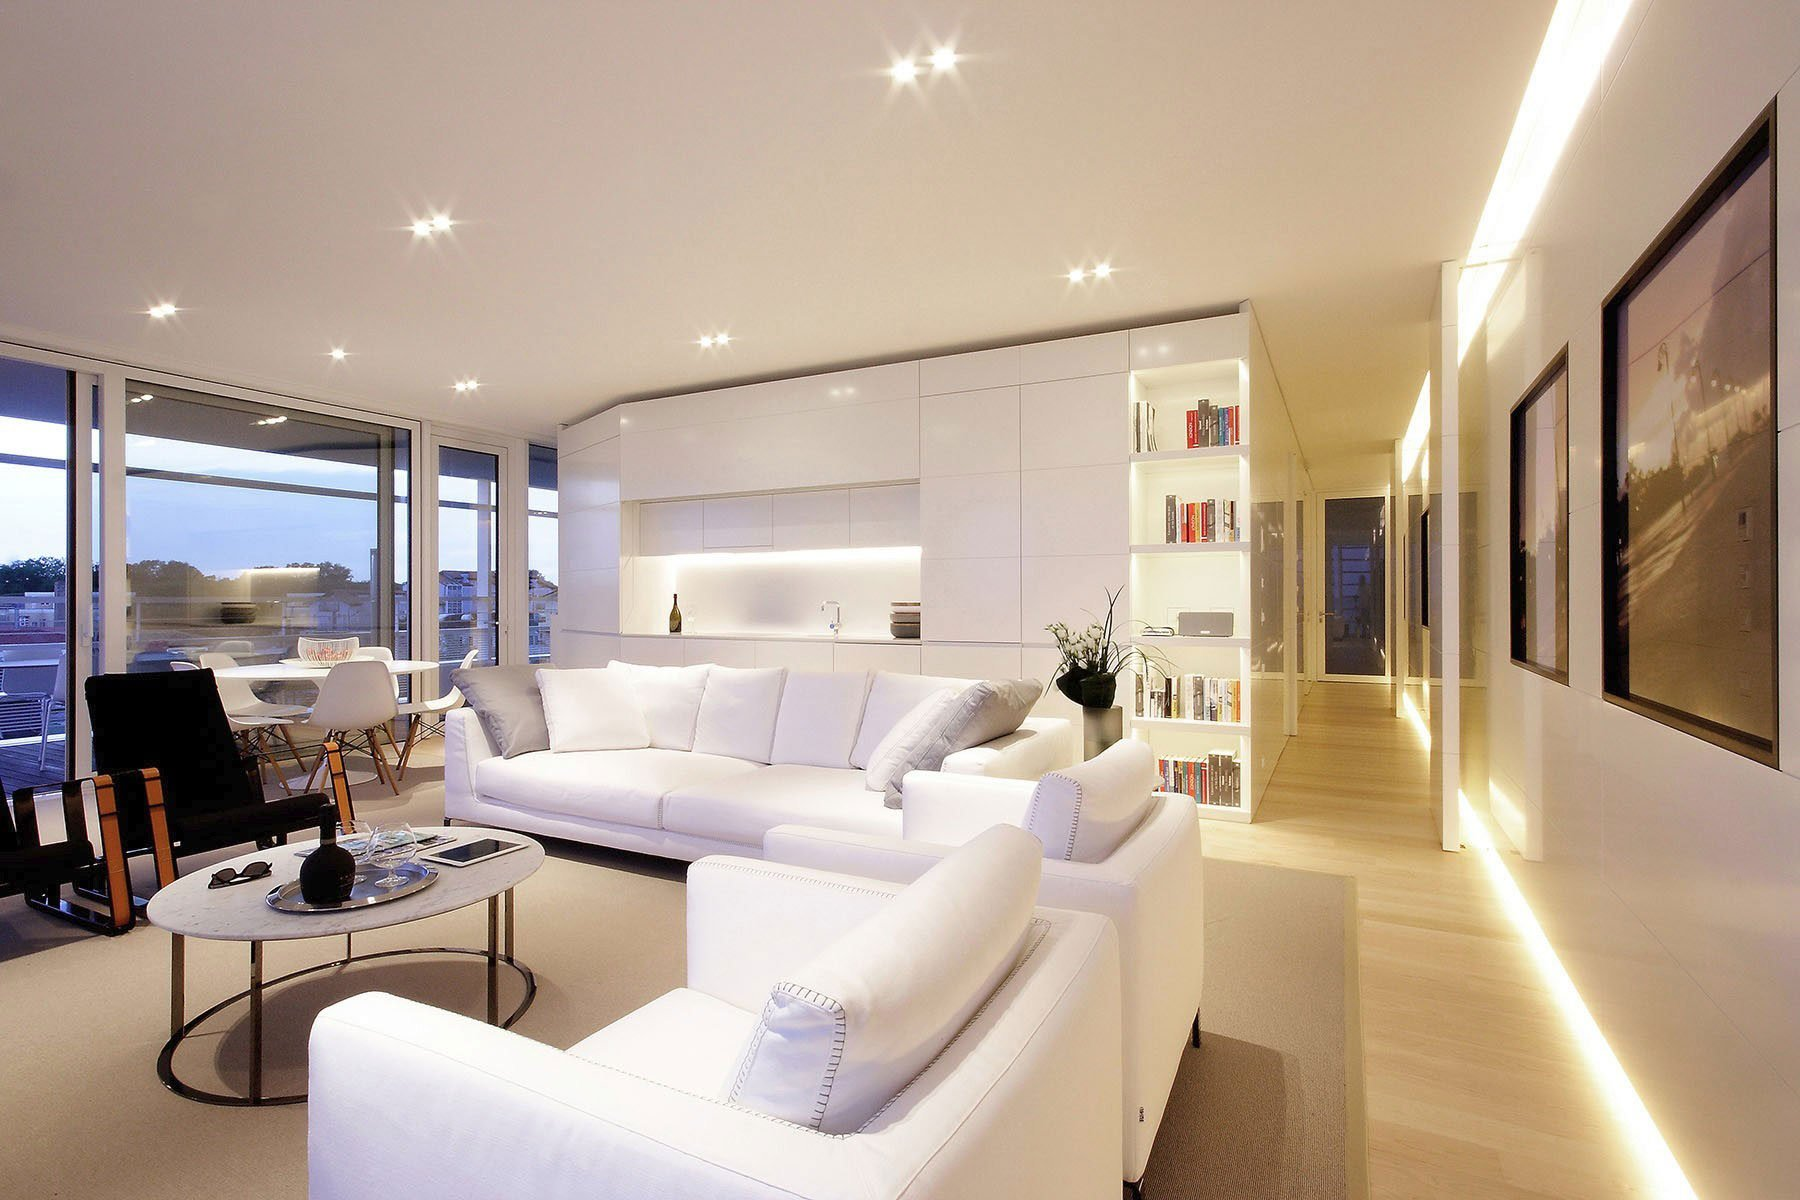 Diseño de interiores de la sala